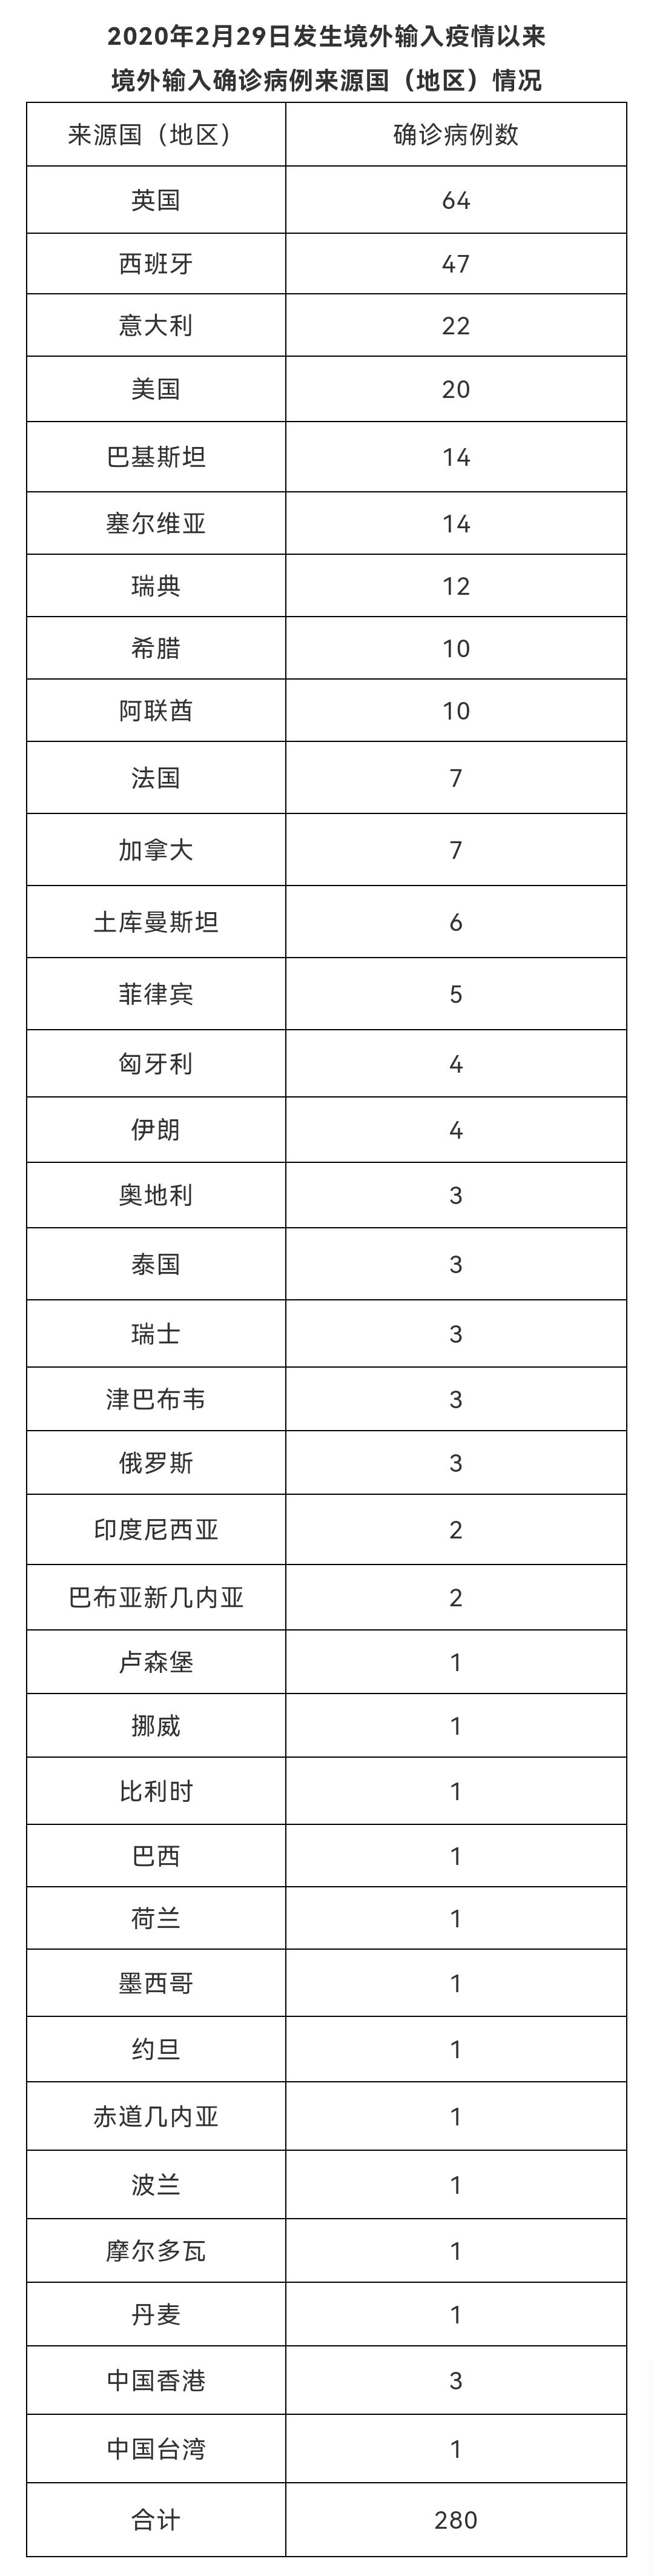 北京9月1日无新增新冠肺炎确诊病例 治愈出院1例